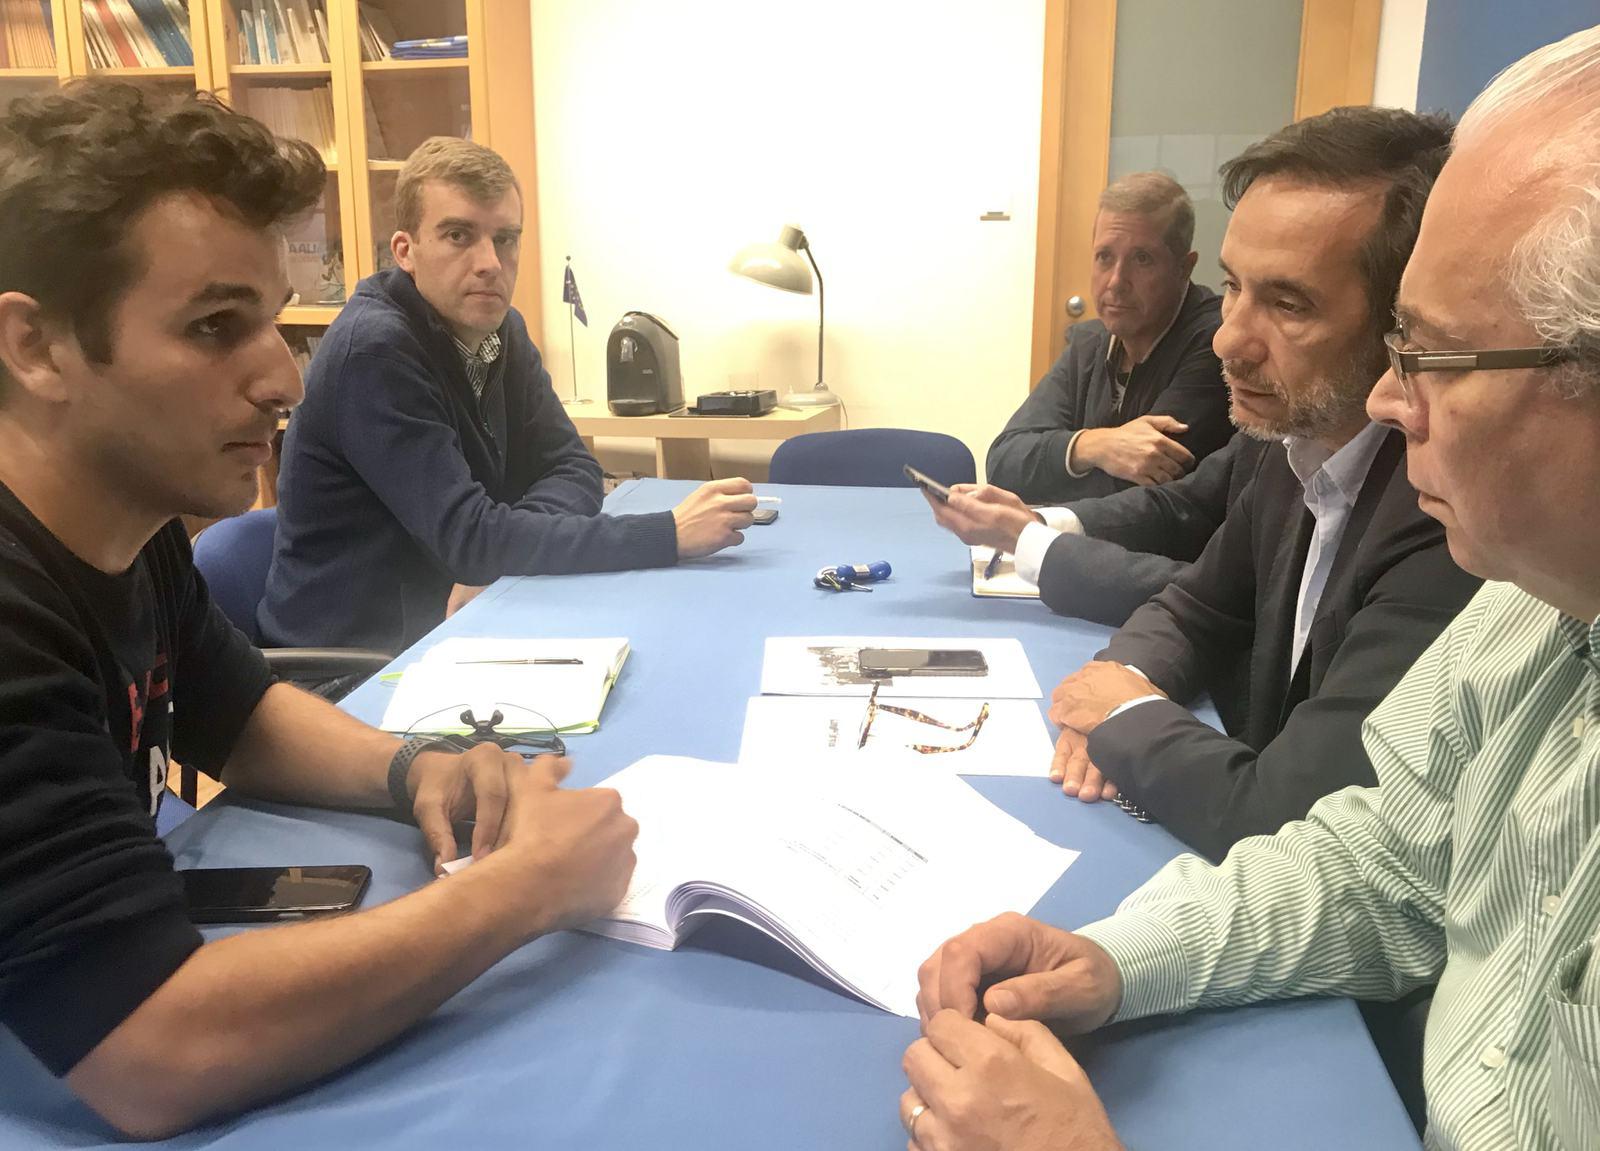 Braga Ciclável reune com concelhia CDS-PP Braga - João Medeiros, Altino Bessa, Luís Pedroso